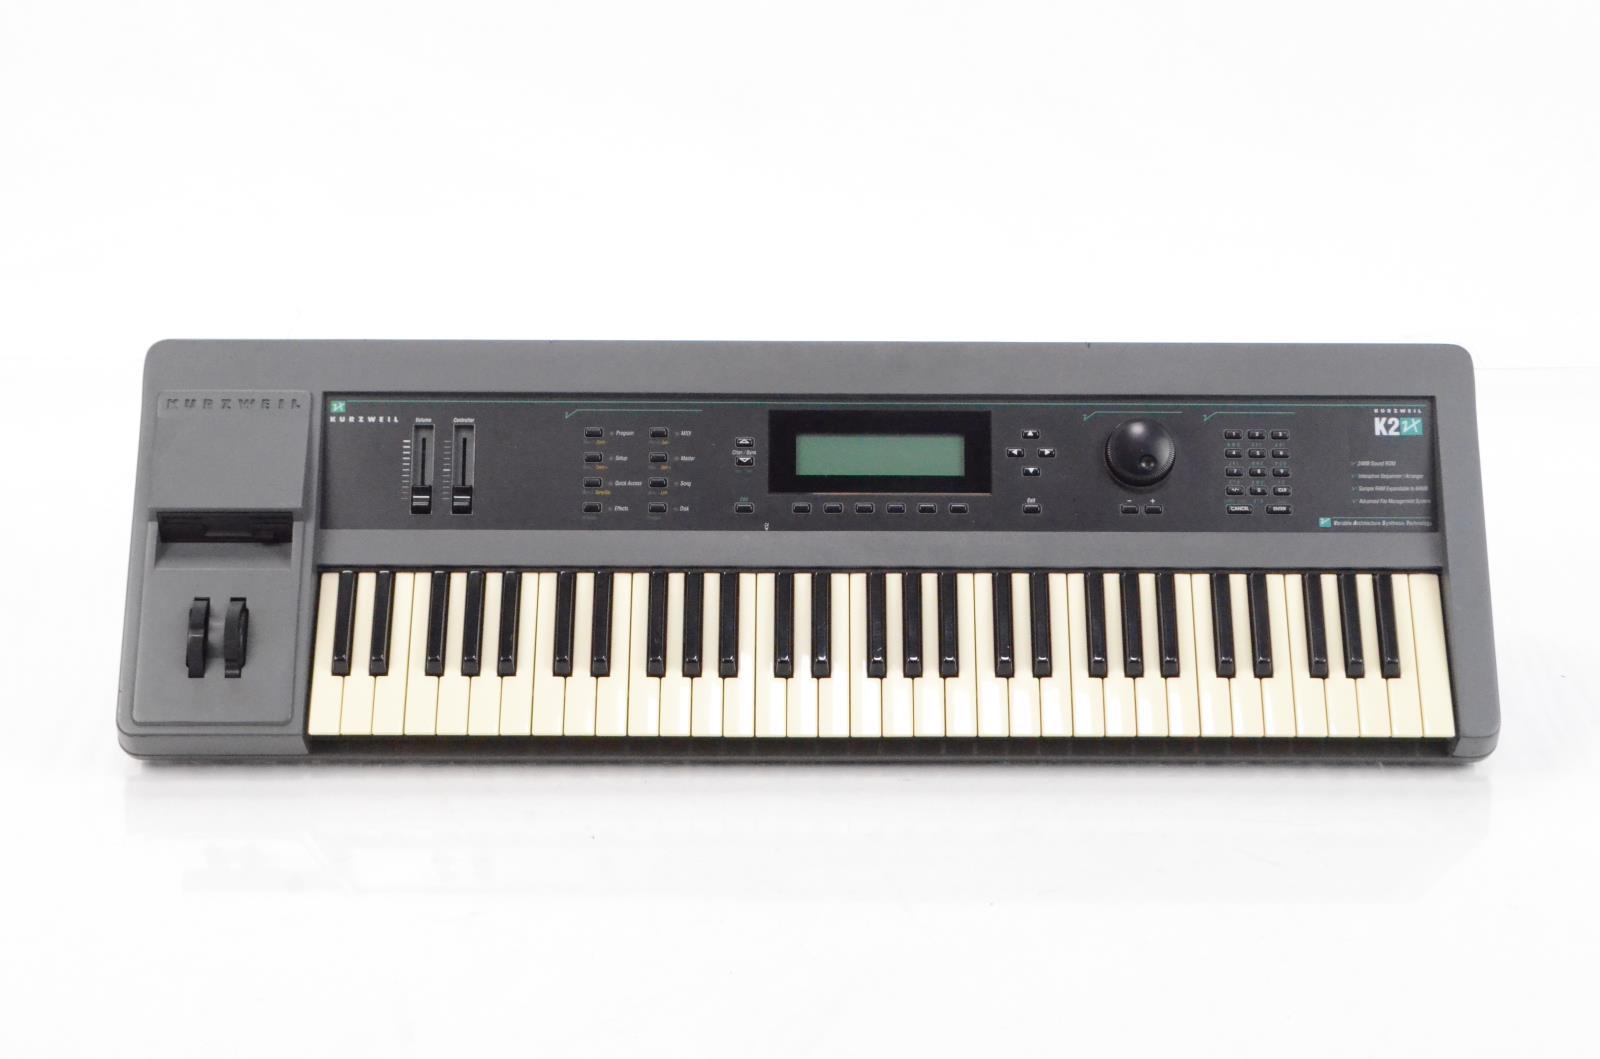 Kurzweil K2000 K2 VX 61 Key VAST Keyboard w/ ATA Flight Road Case #29267